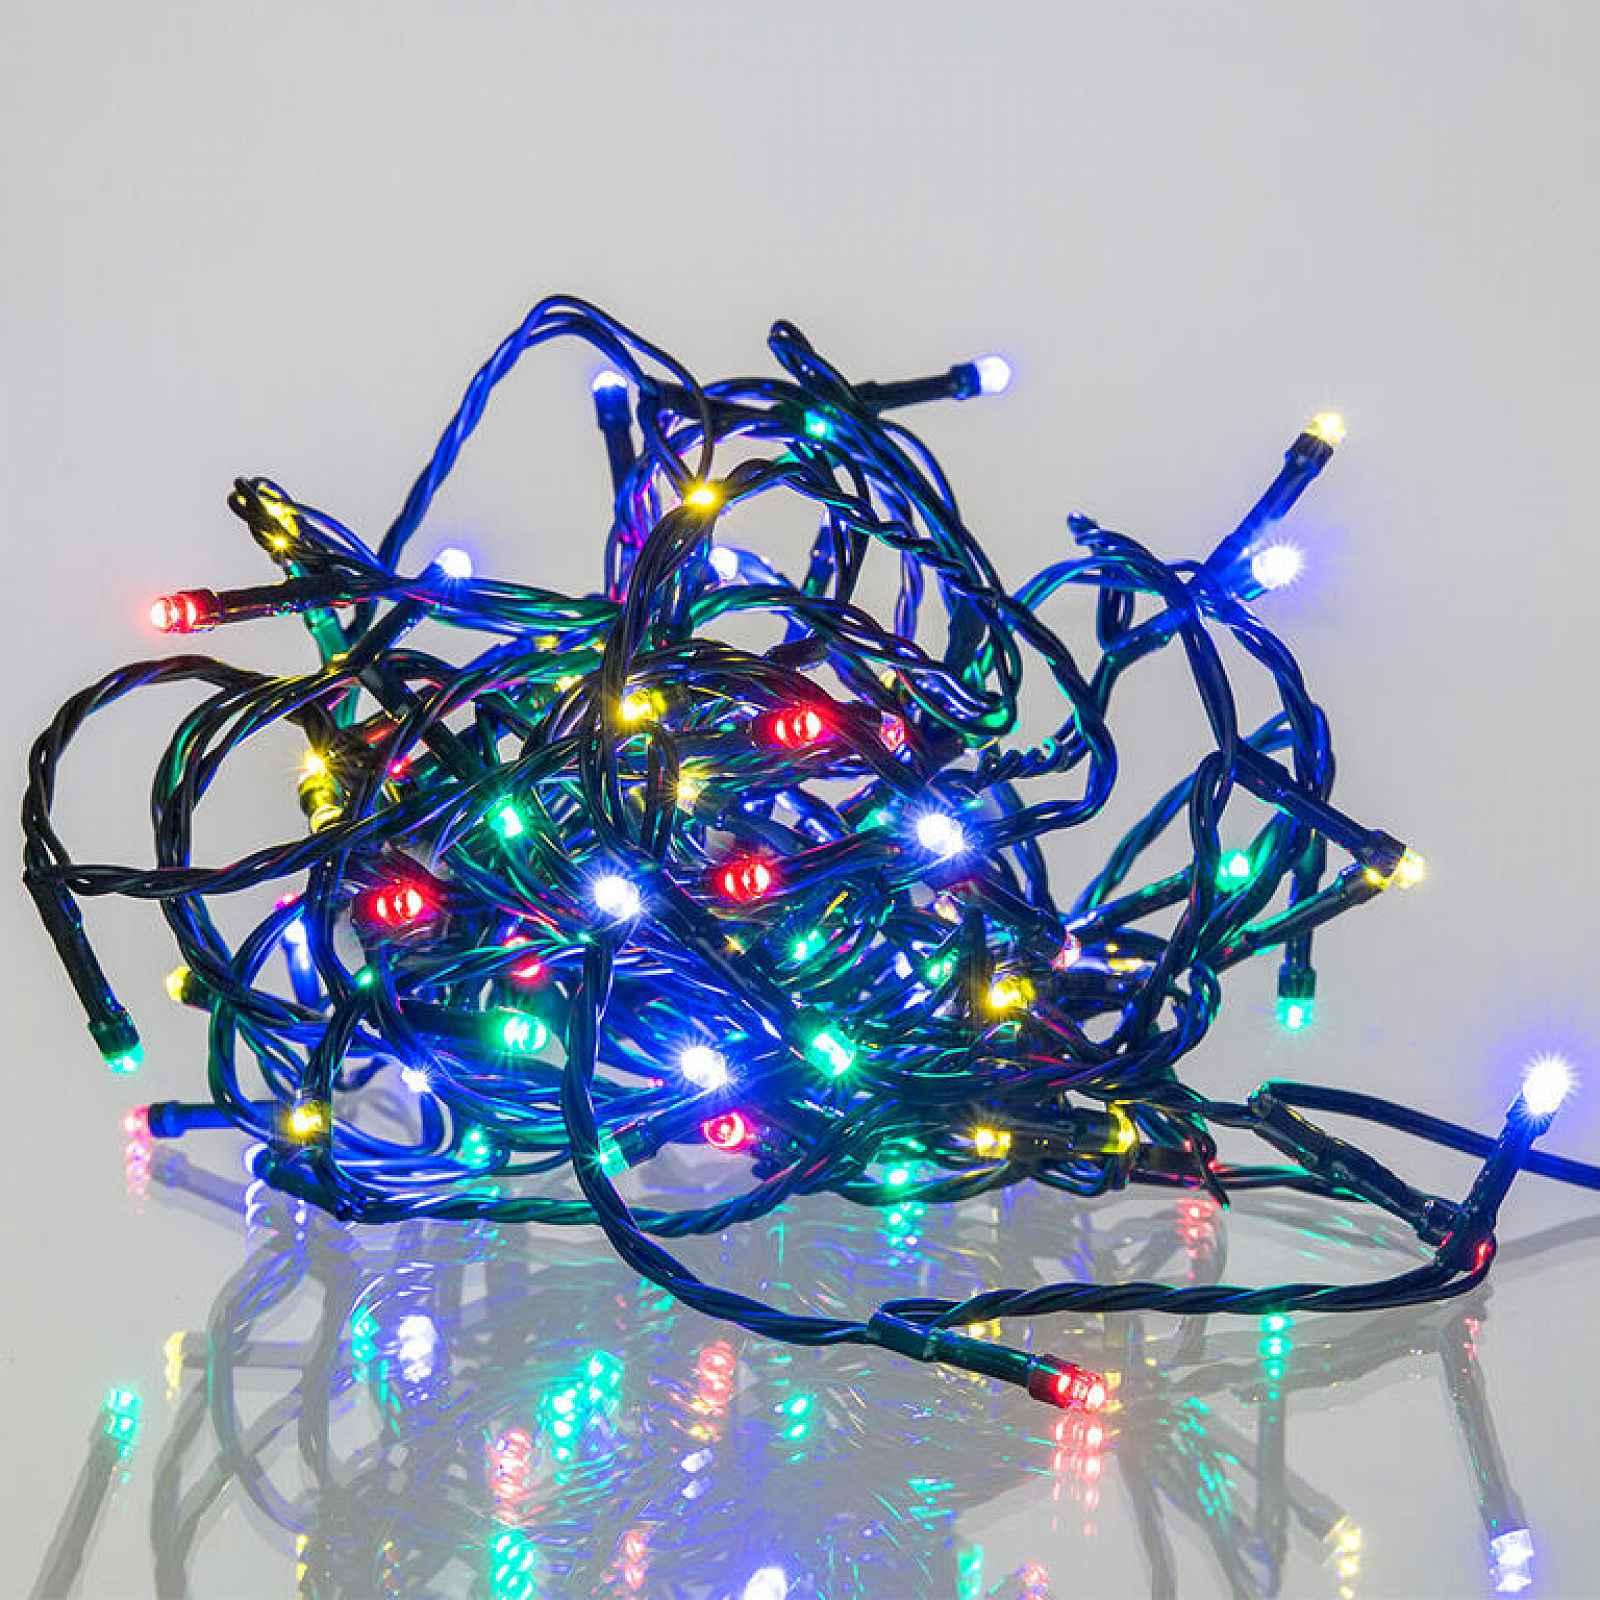 Světelný řetěz barevný, 8 funkcí 120 LED, 12 + 5 m